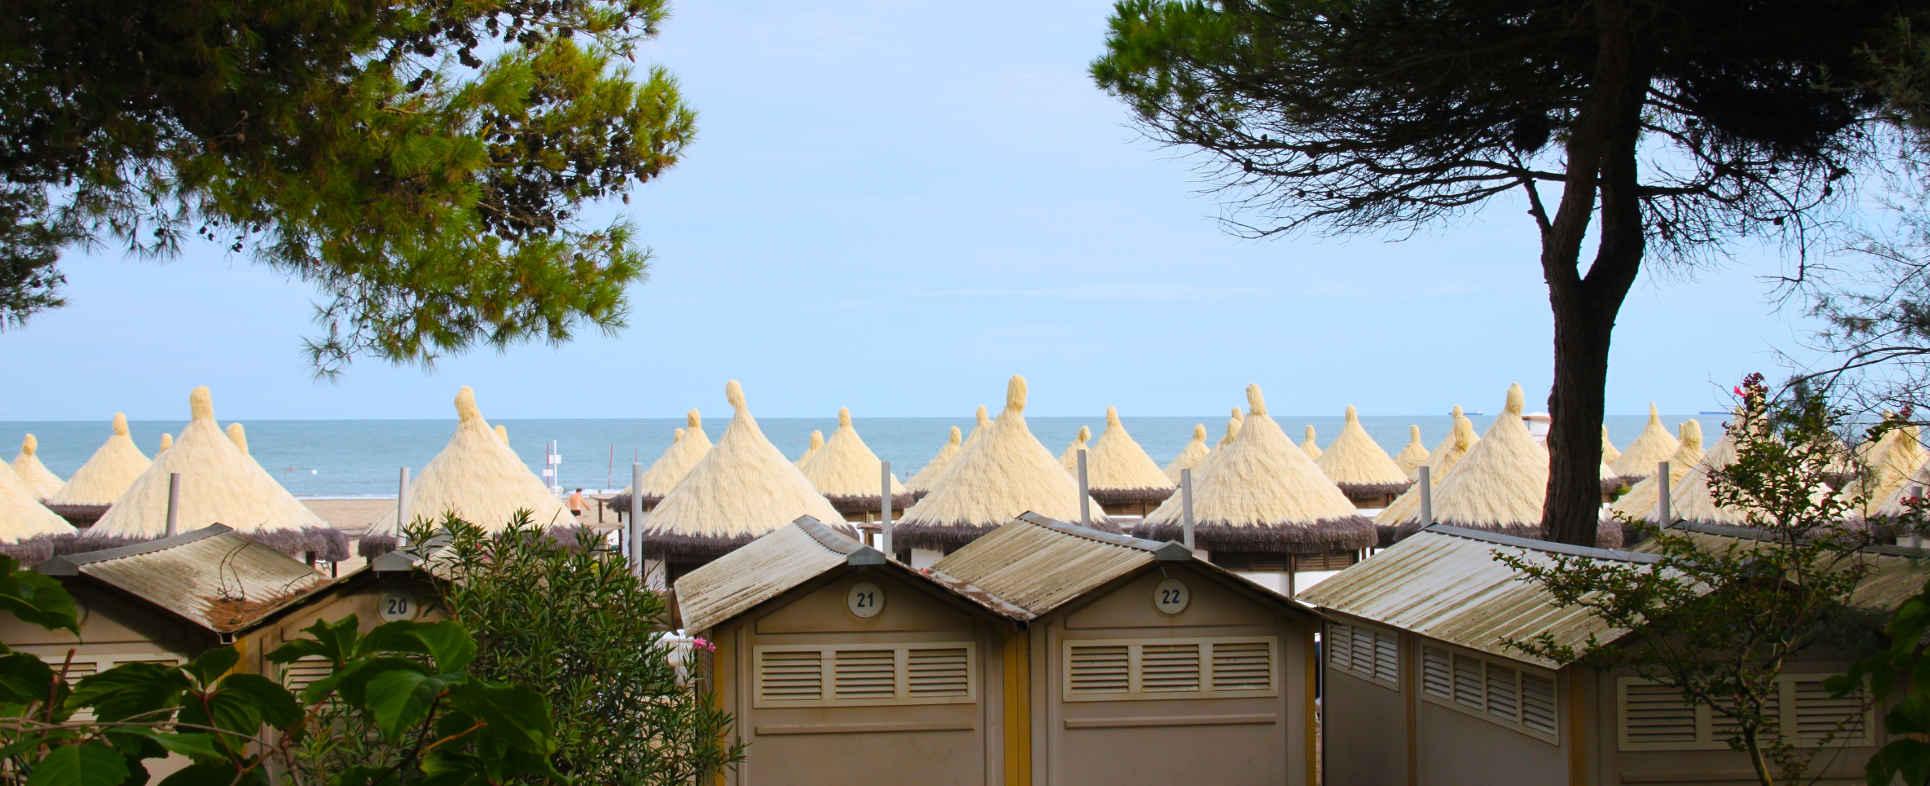 capanne in spiaggia al lido di venezia